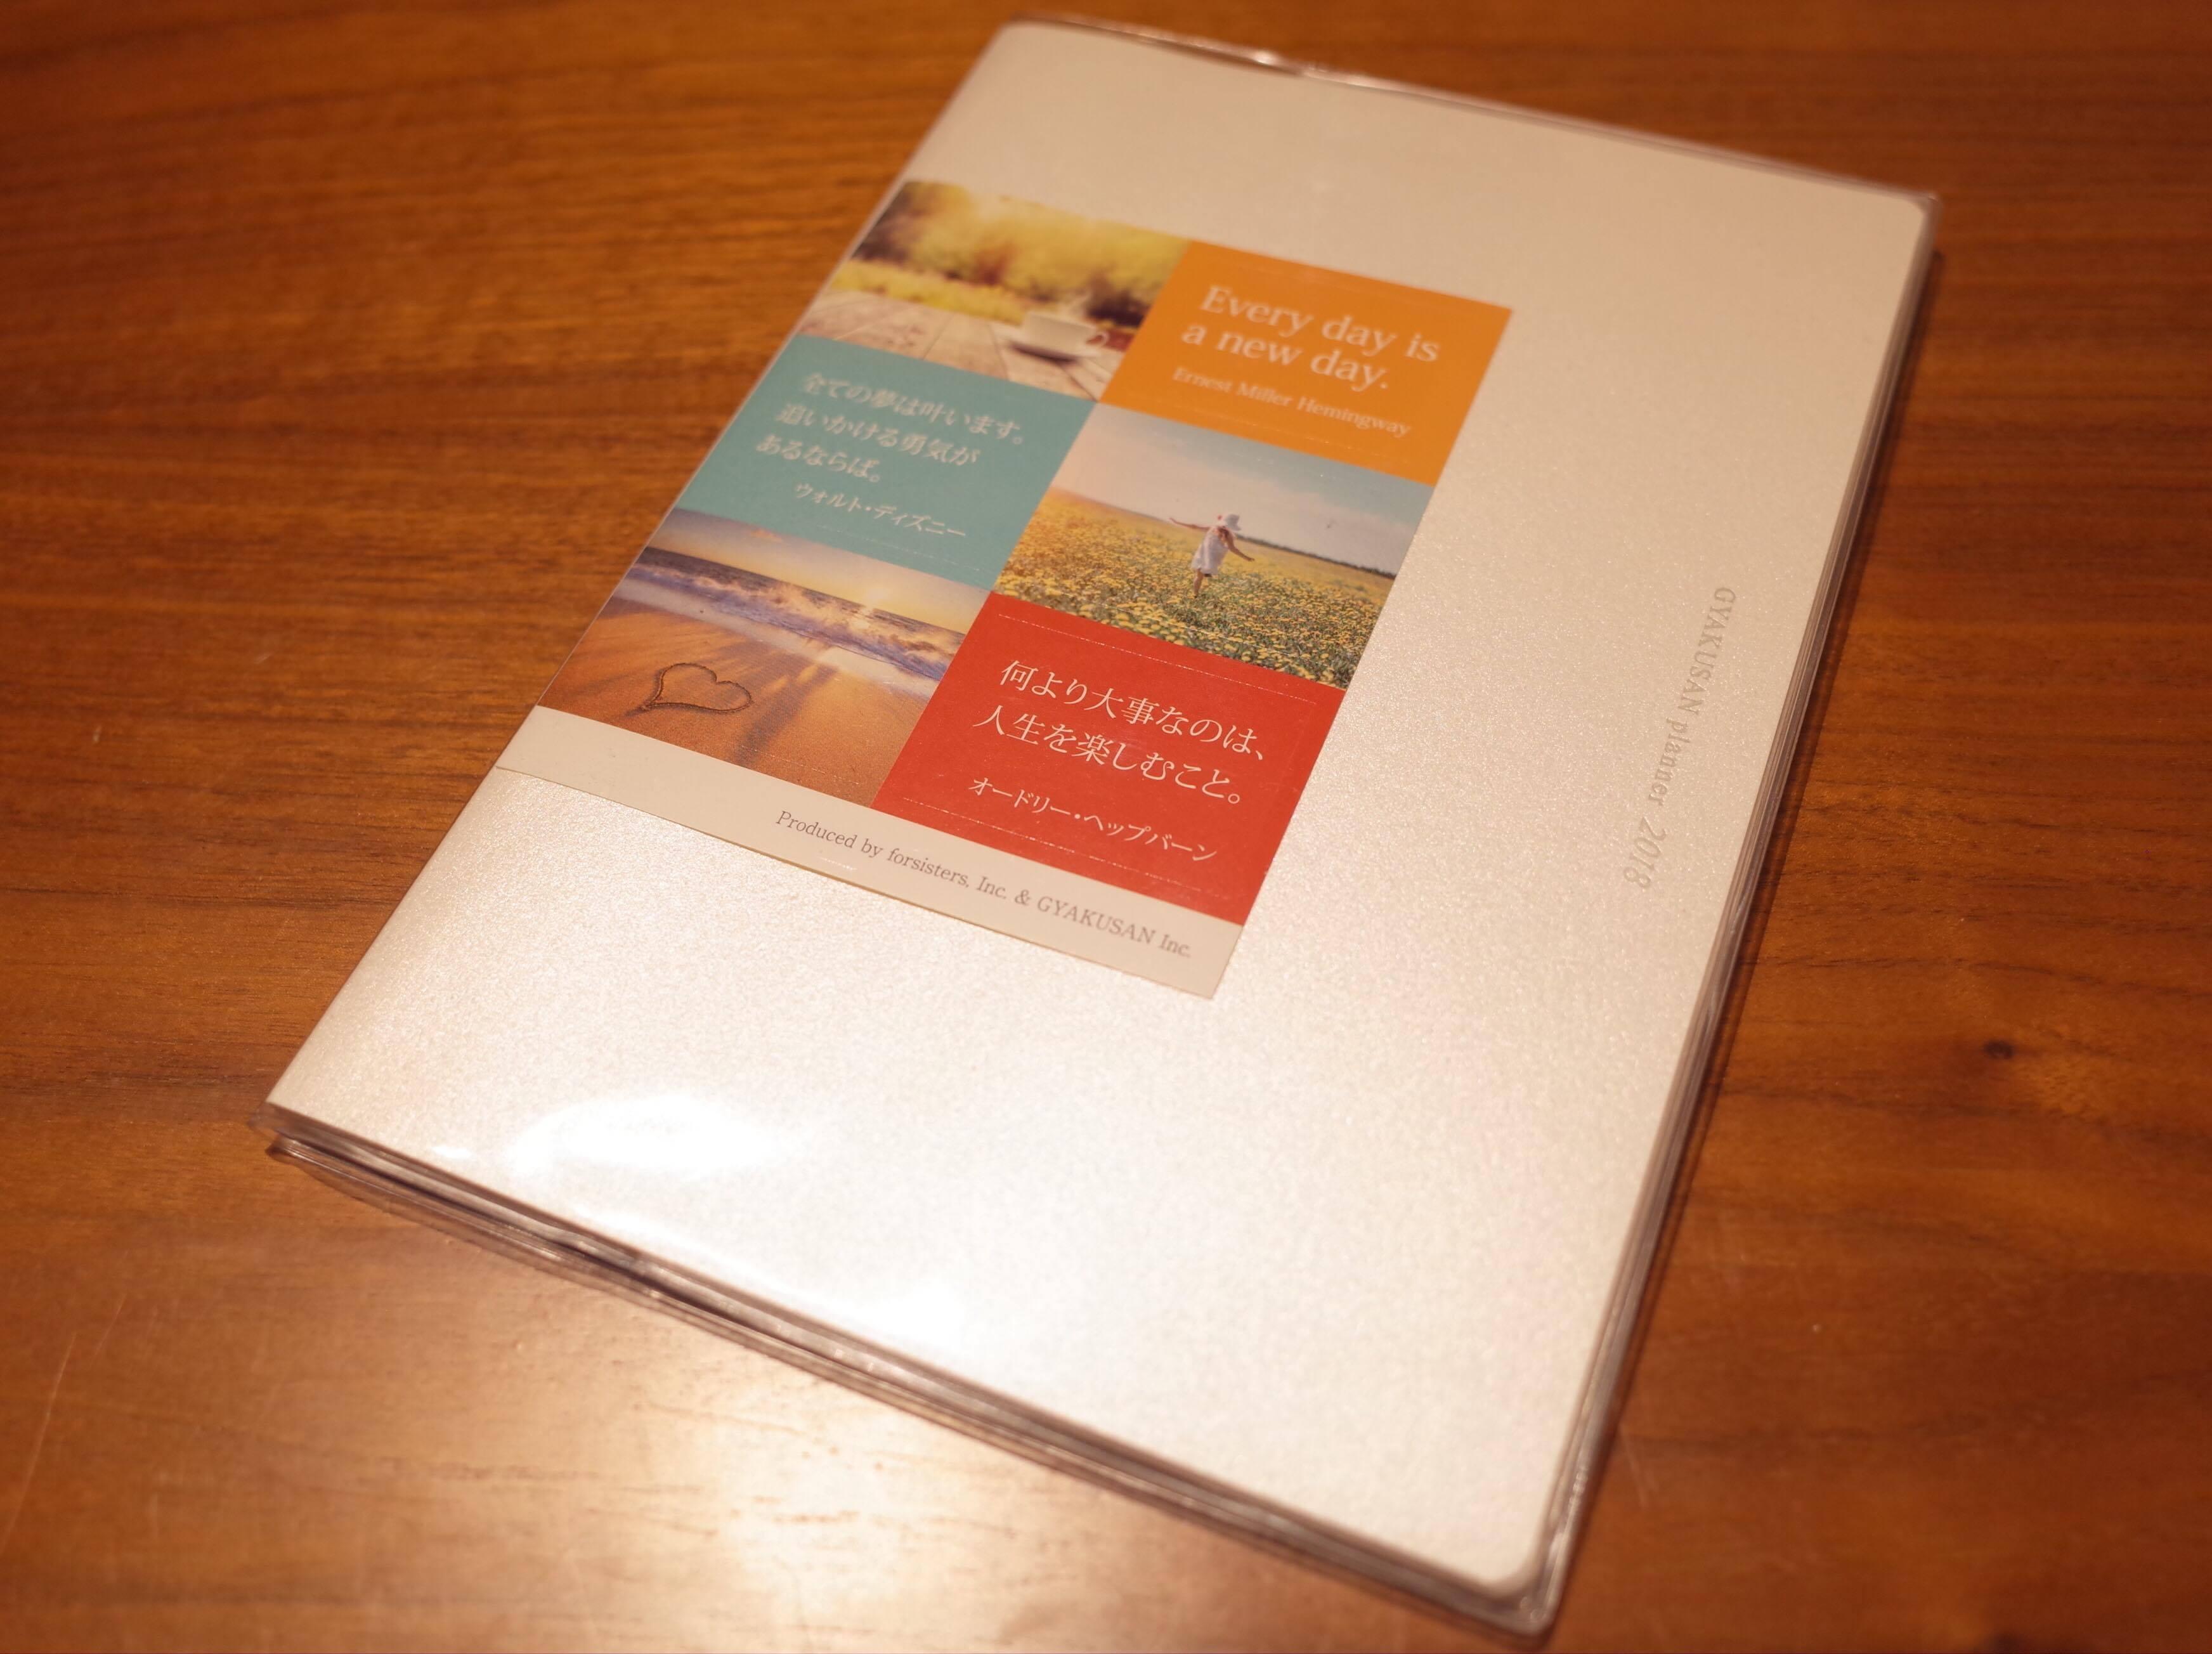 【手帳拝見】第2回 マツオユキさんは「逆算手帳」を愛用中です